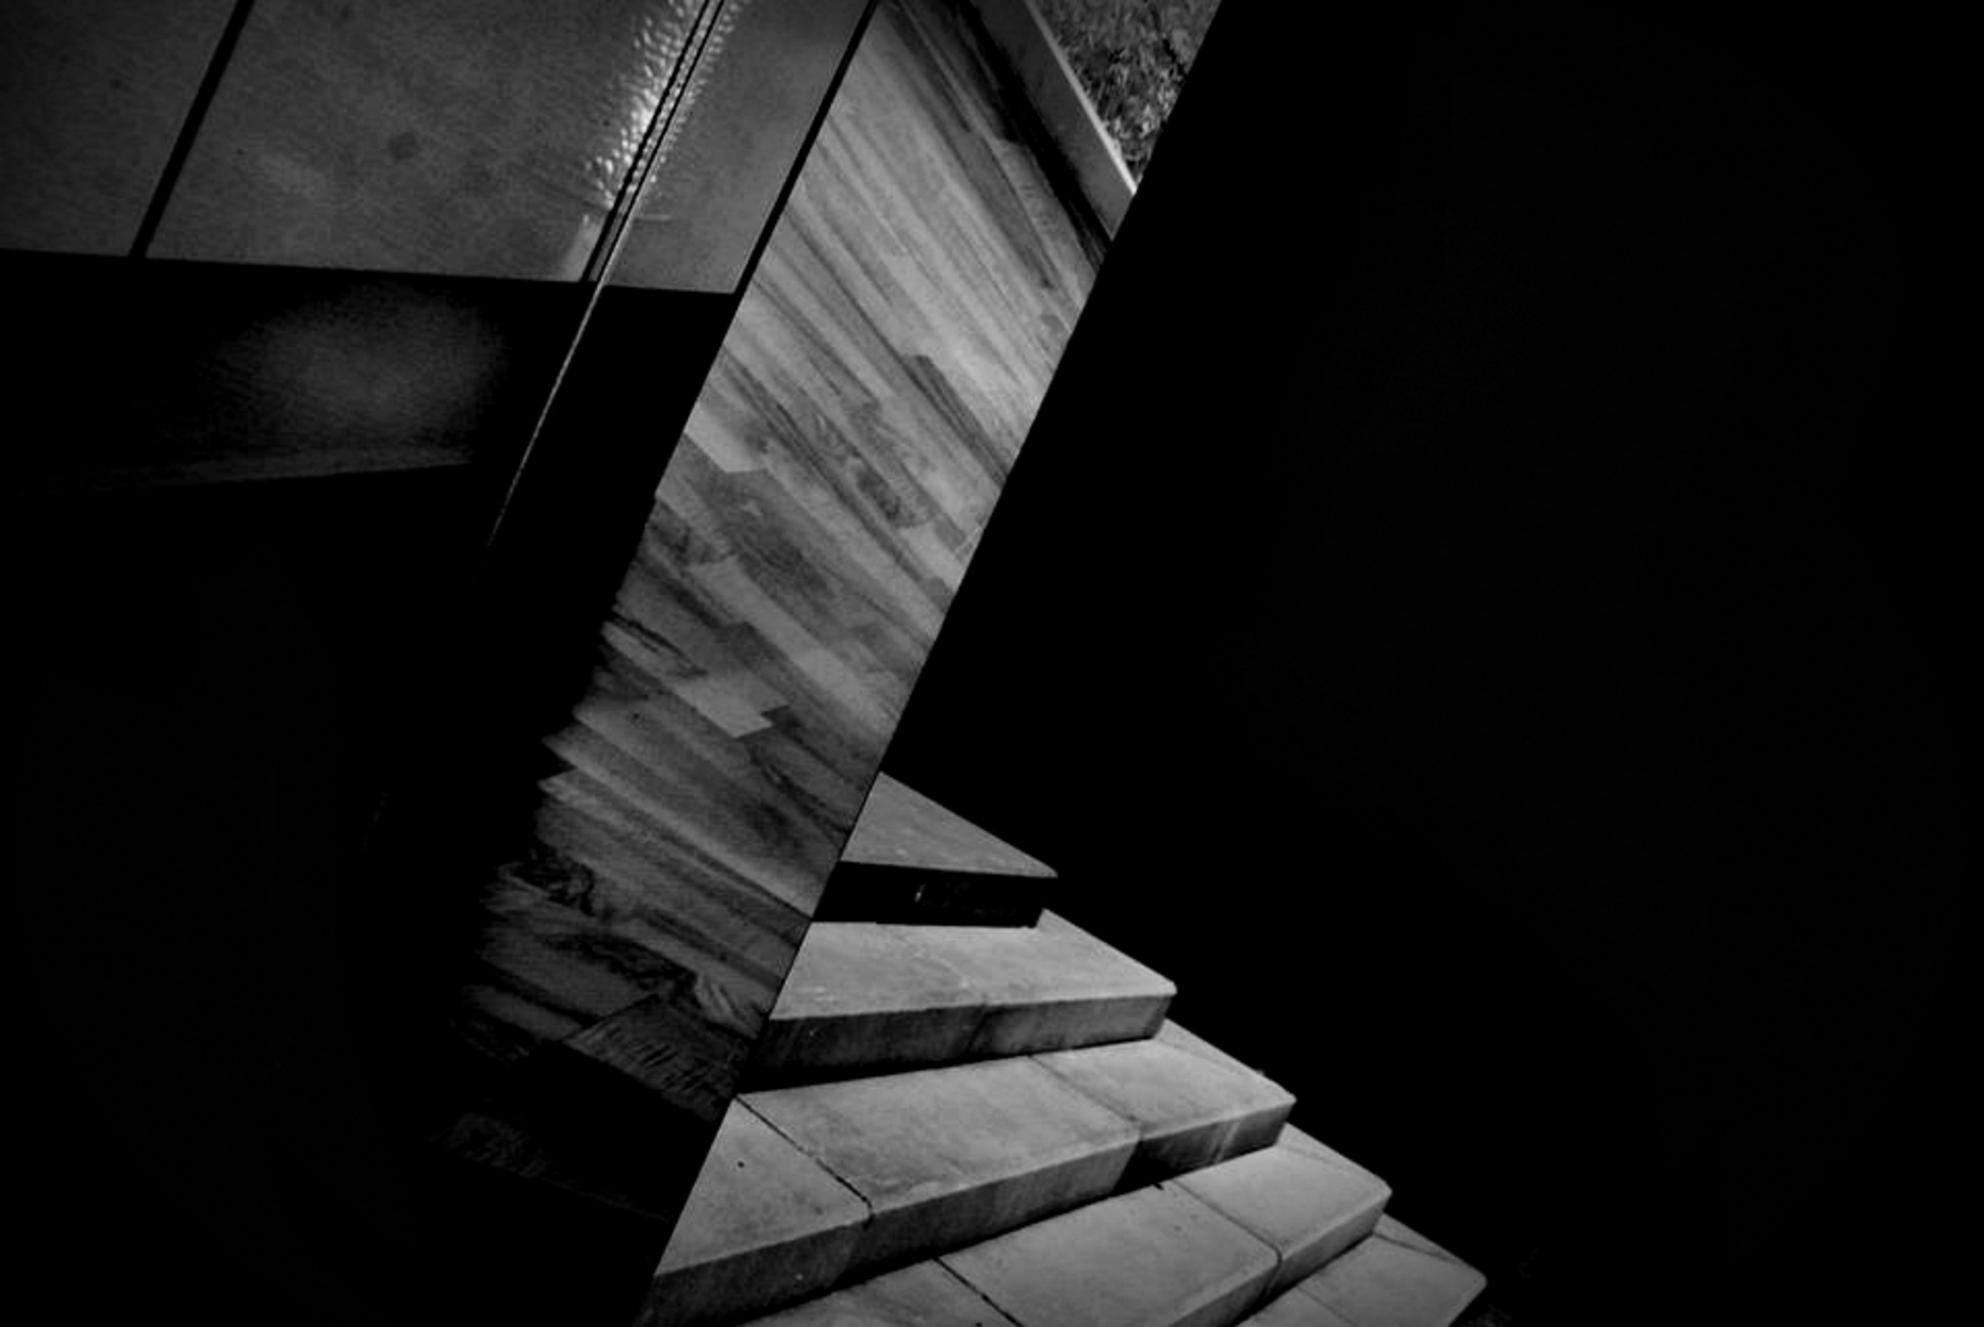 Halfway Up the Stairs - - - foto door bramvanreusel op 29-11-2016 - deze foto bevat: zwartwit, straatfotografie, stairs - Deze foto mag gebruikt worden in een Zoom.nl publicatie